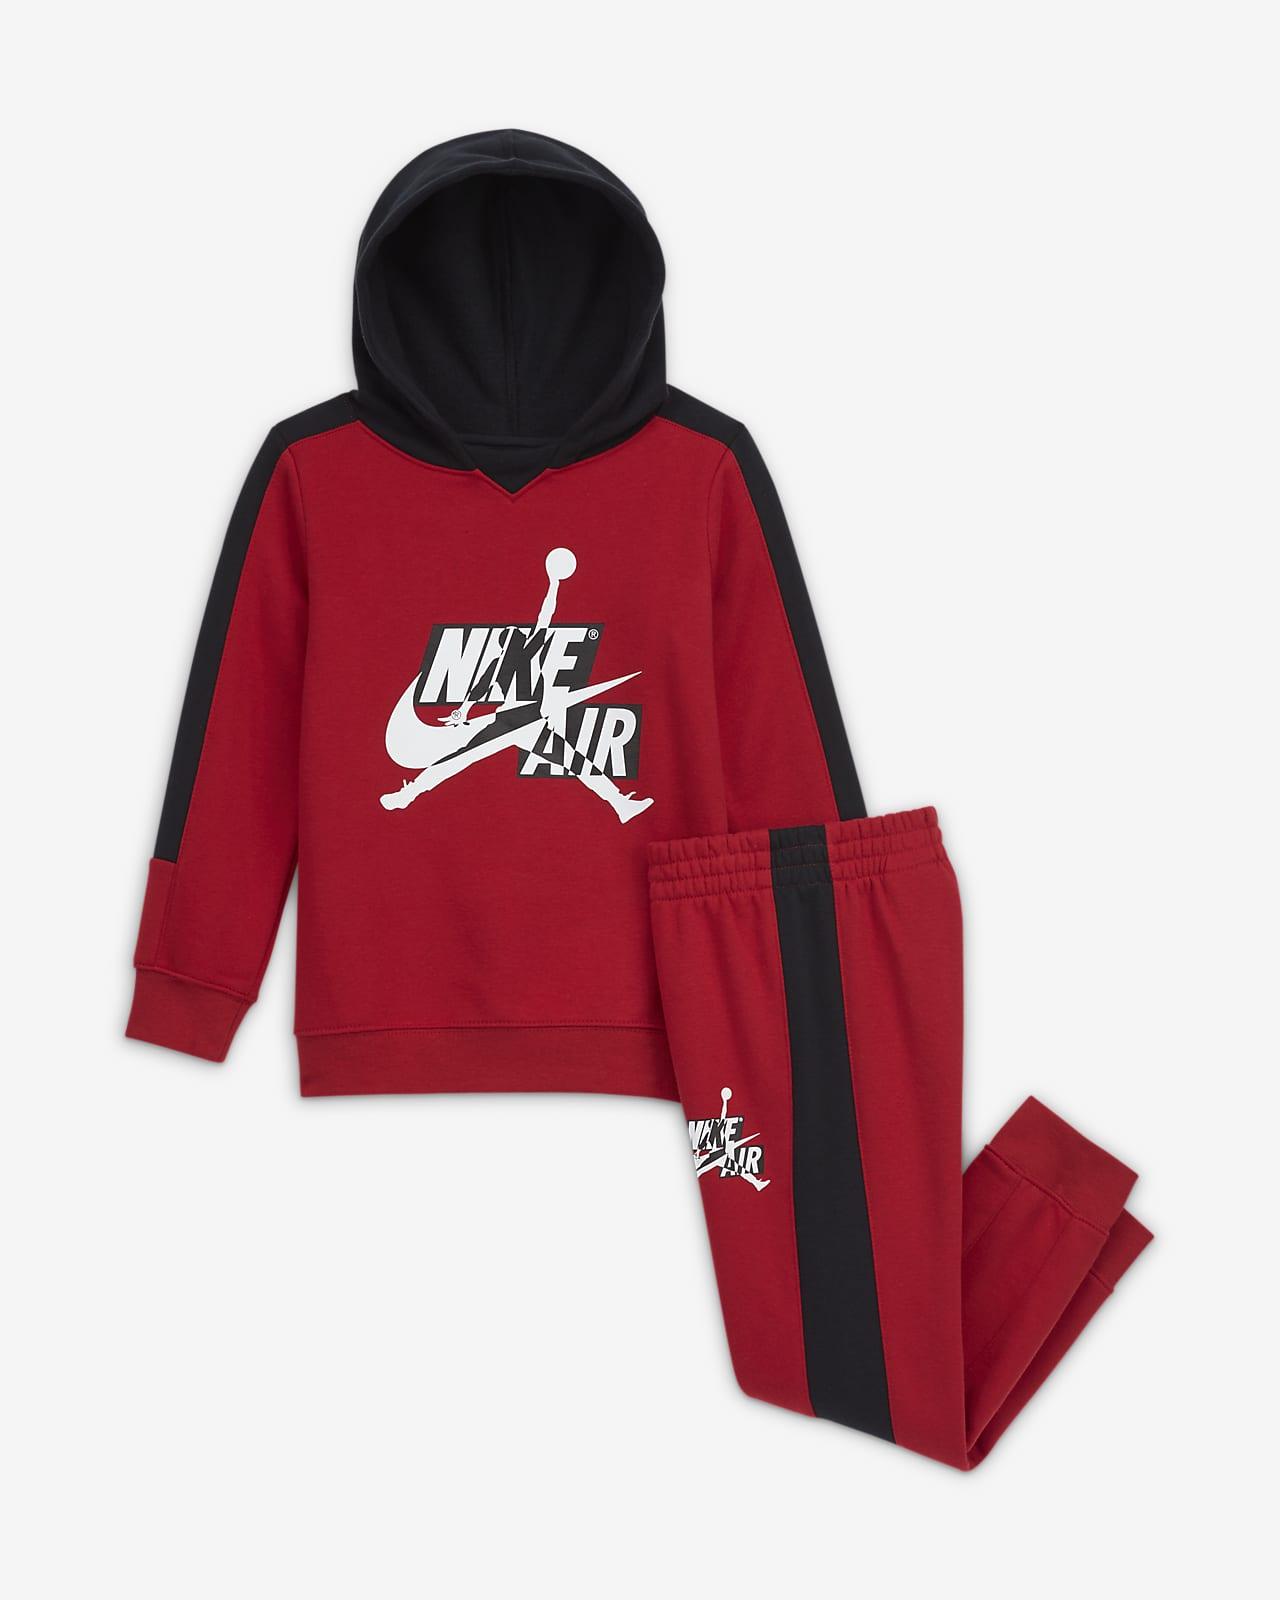 Jordan Conjunto de sudadera con capucha y pantalón - Niño/a pequeño/a